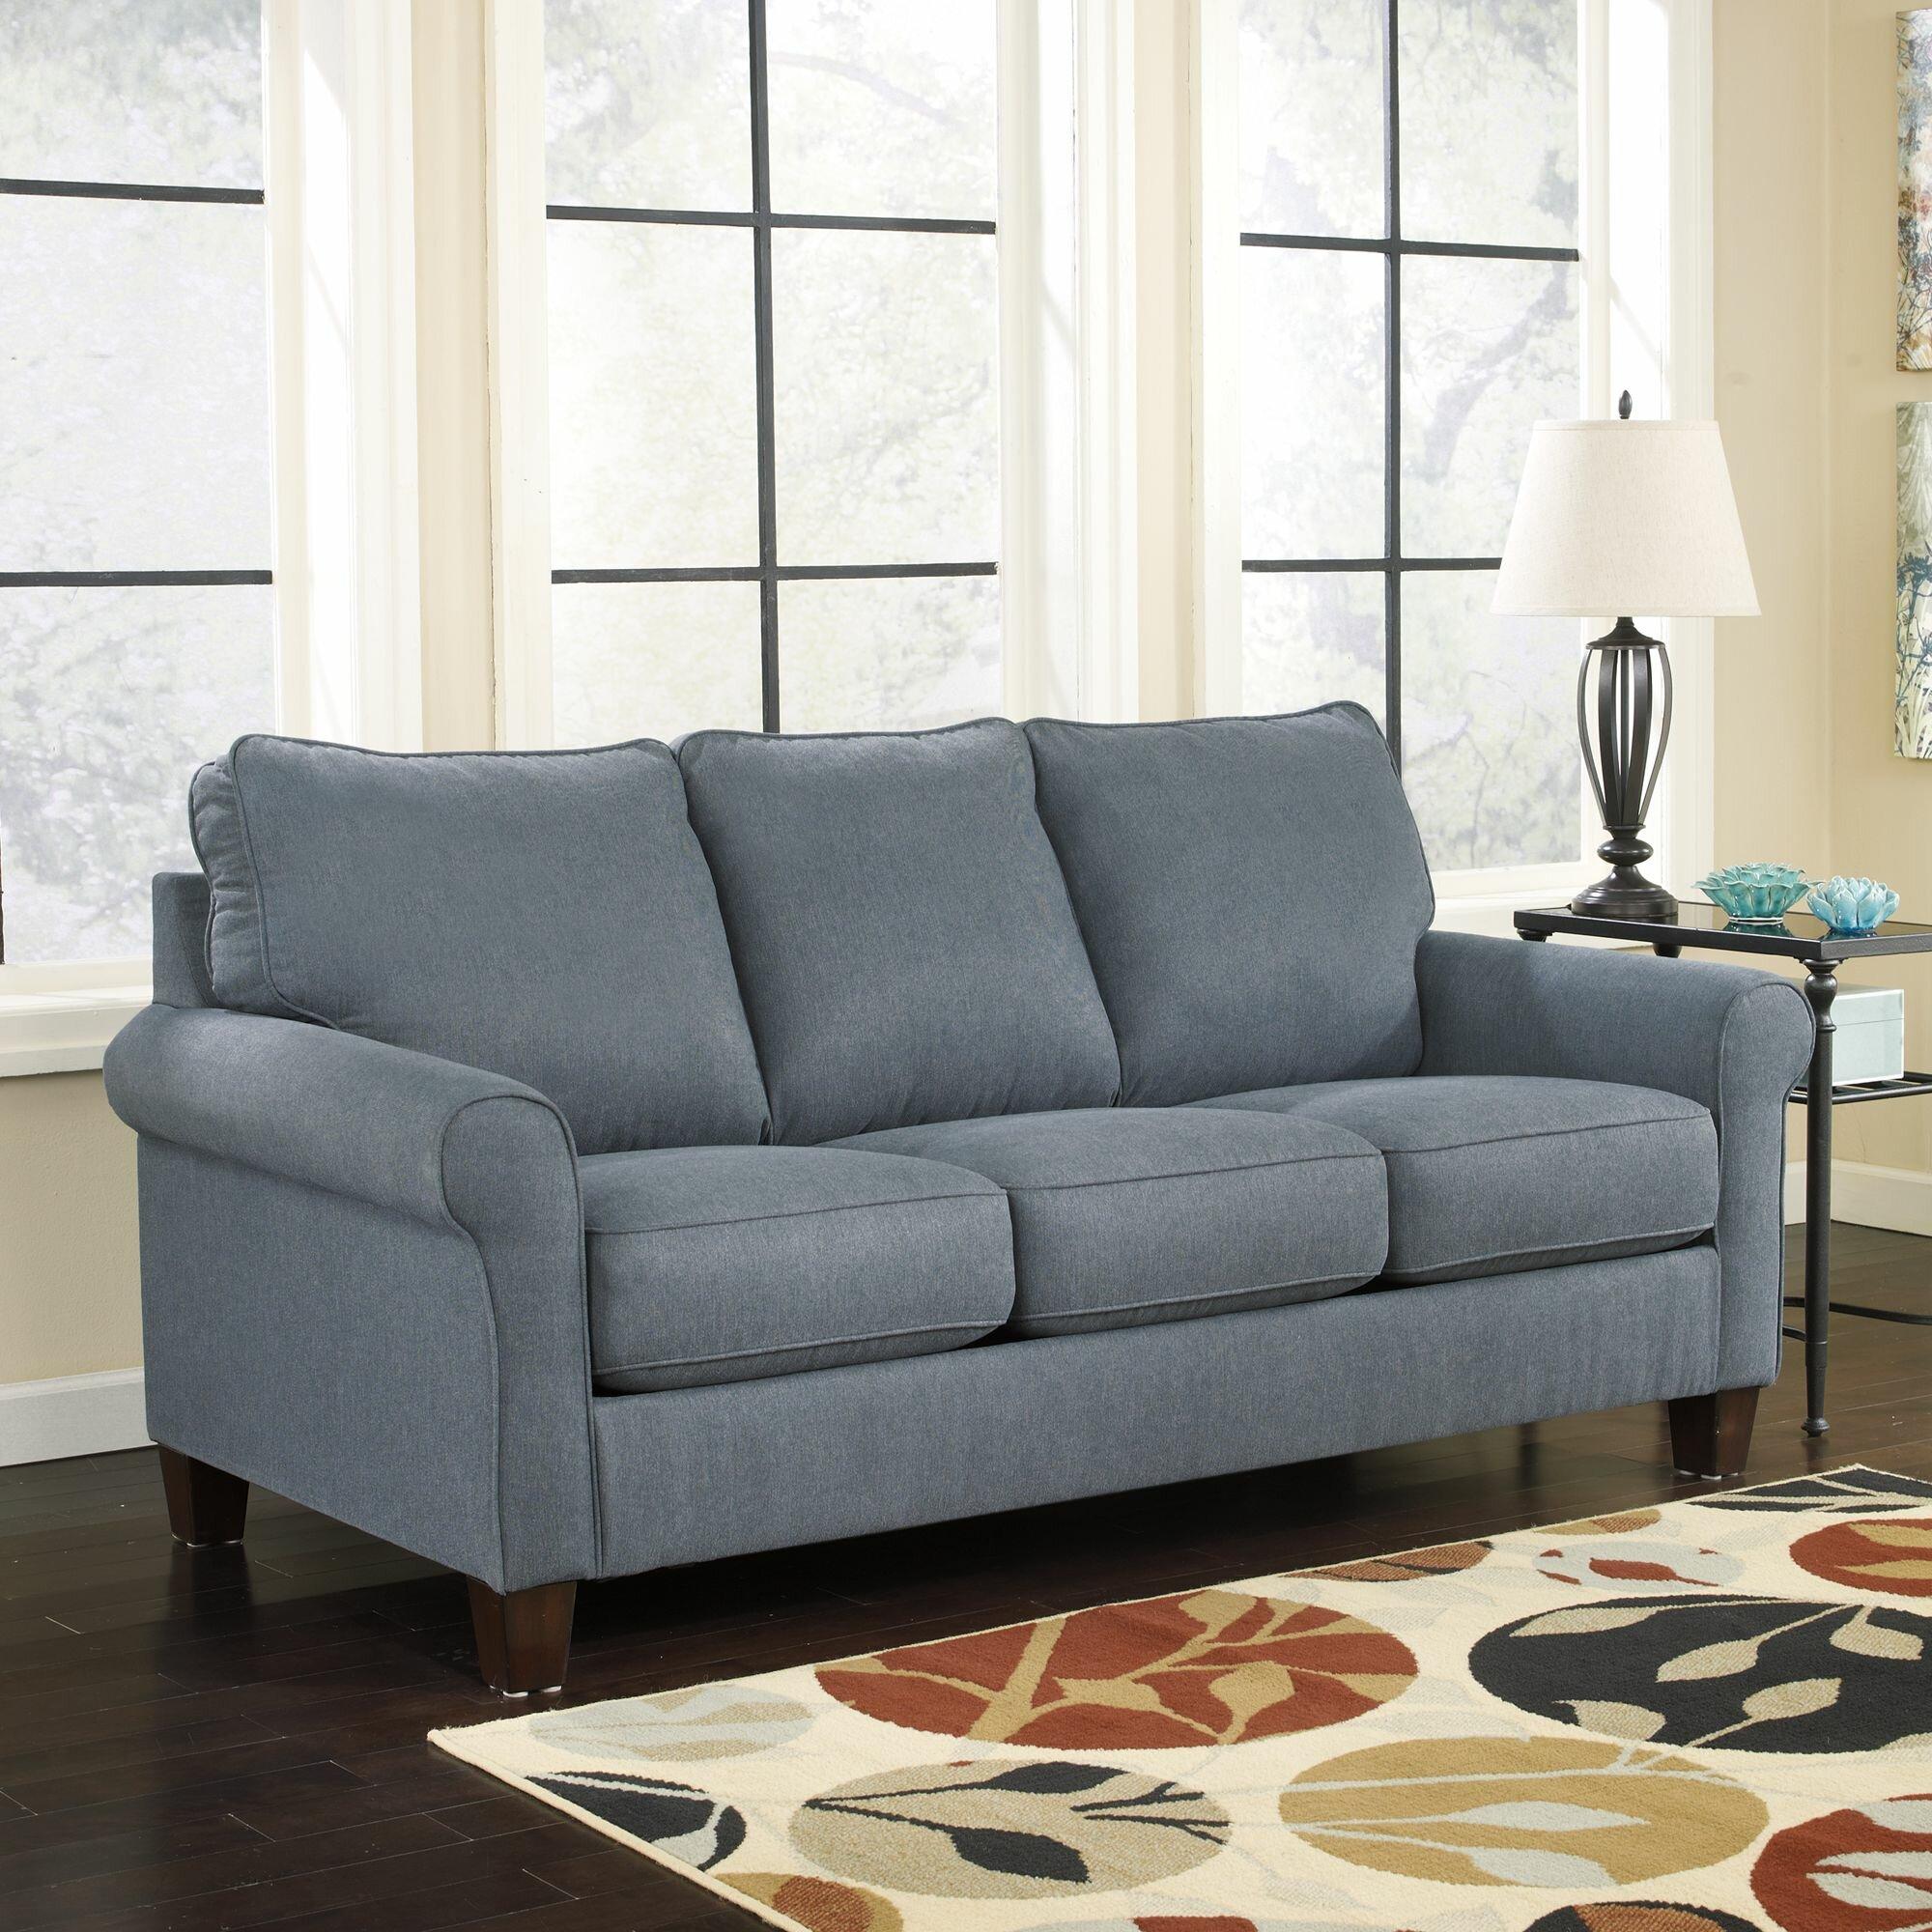 Wayfair Sofa Sleeper Best Sofa Wayfair Products On Wanelo